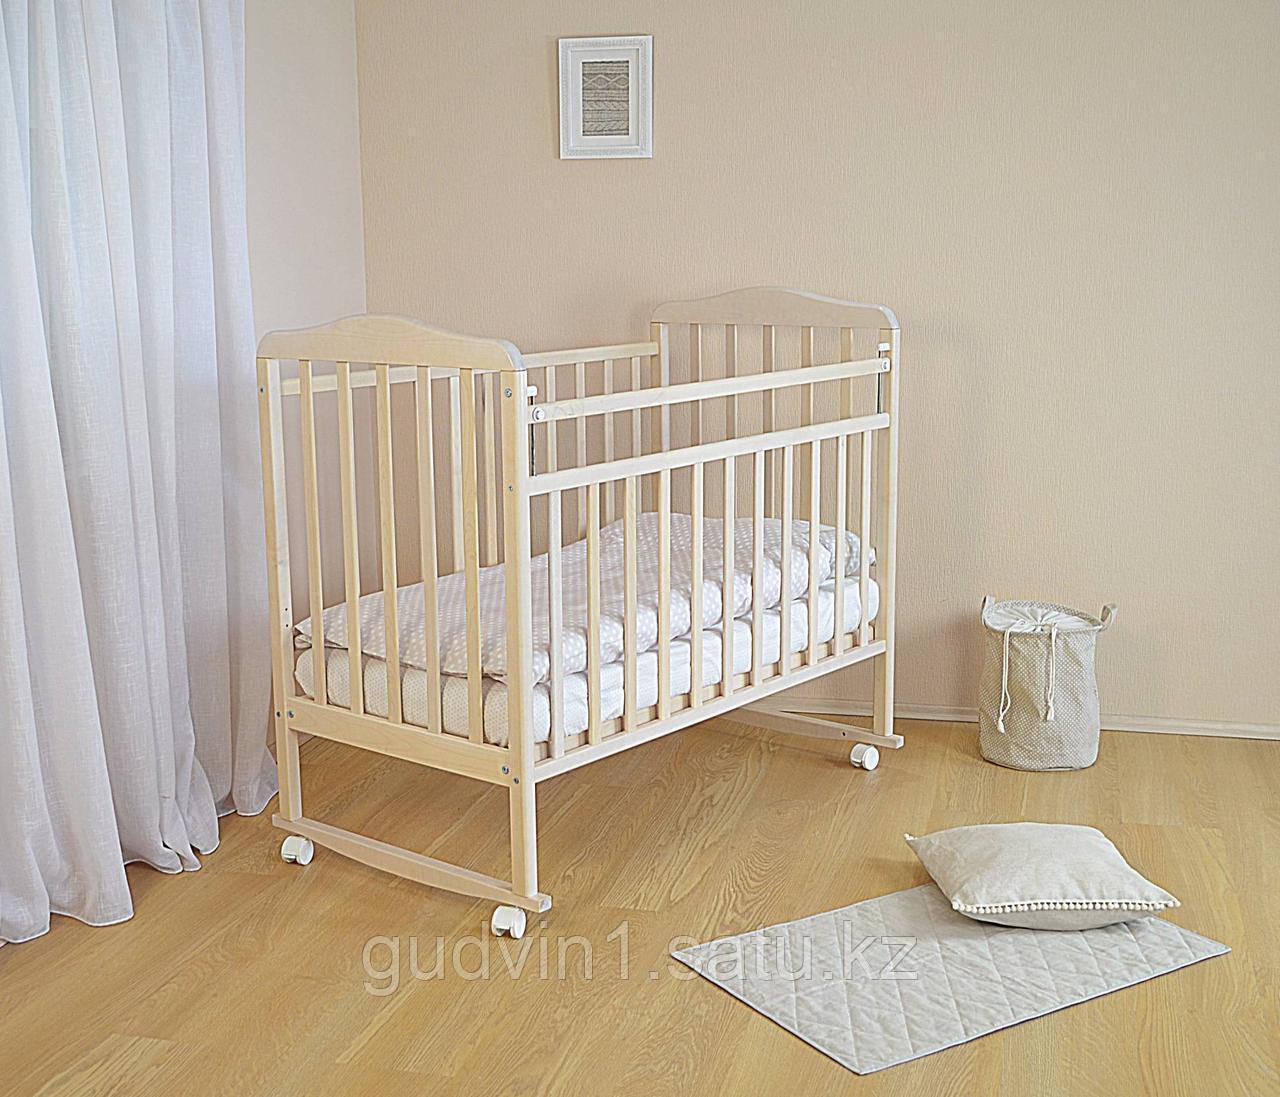 СКВ Кровать детская МИТЕНЬКА колеса качалка 160115 береза снежная